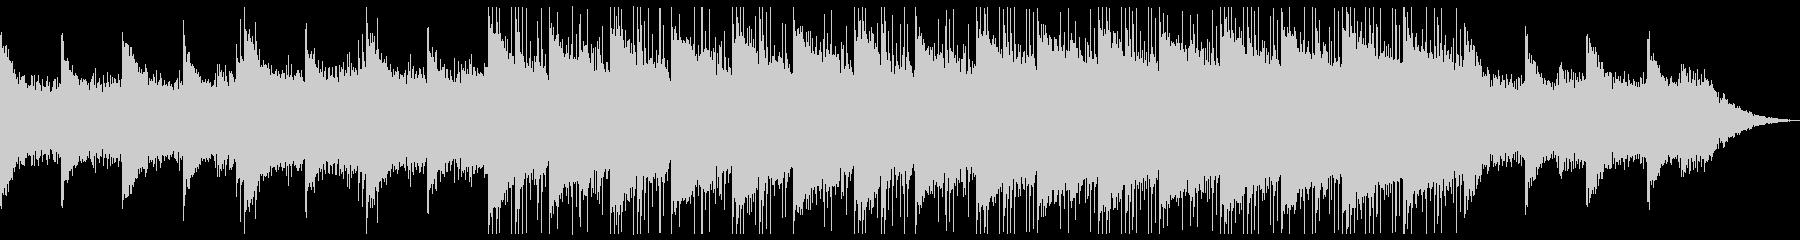 神秘的なピアノのアンビエントの未再生の波形